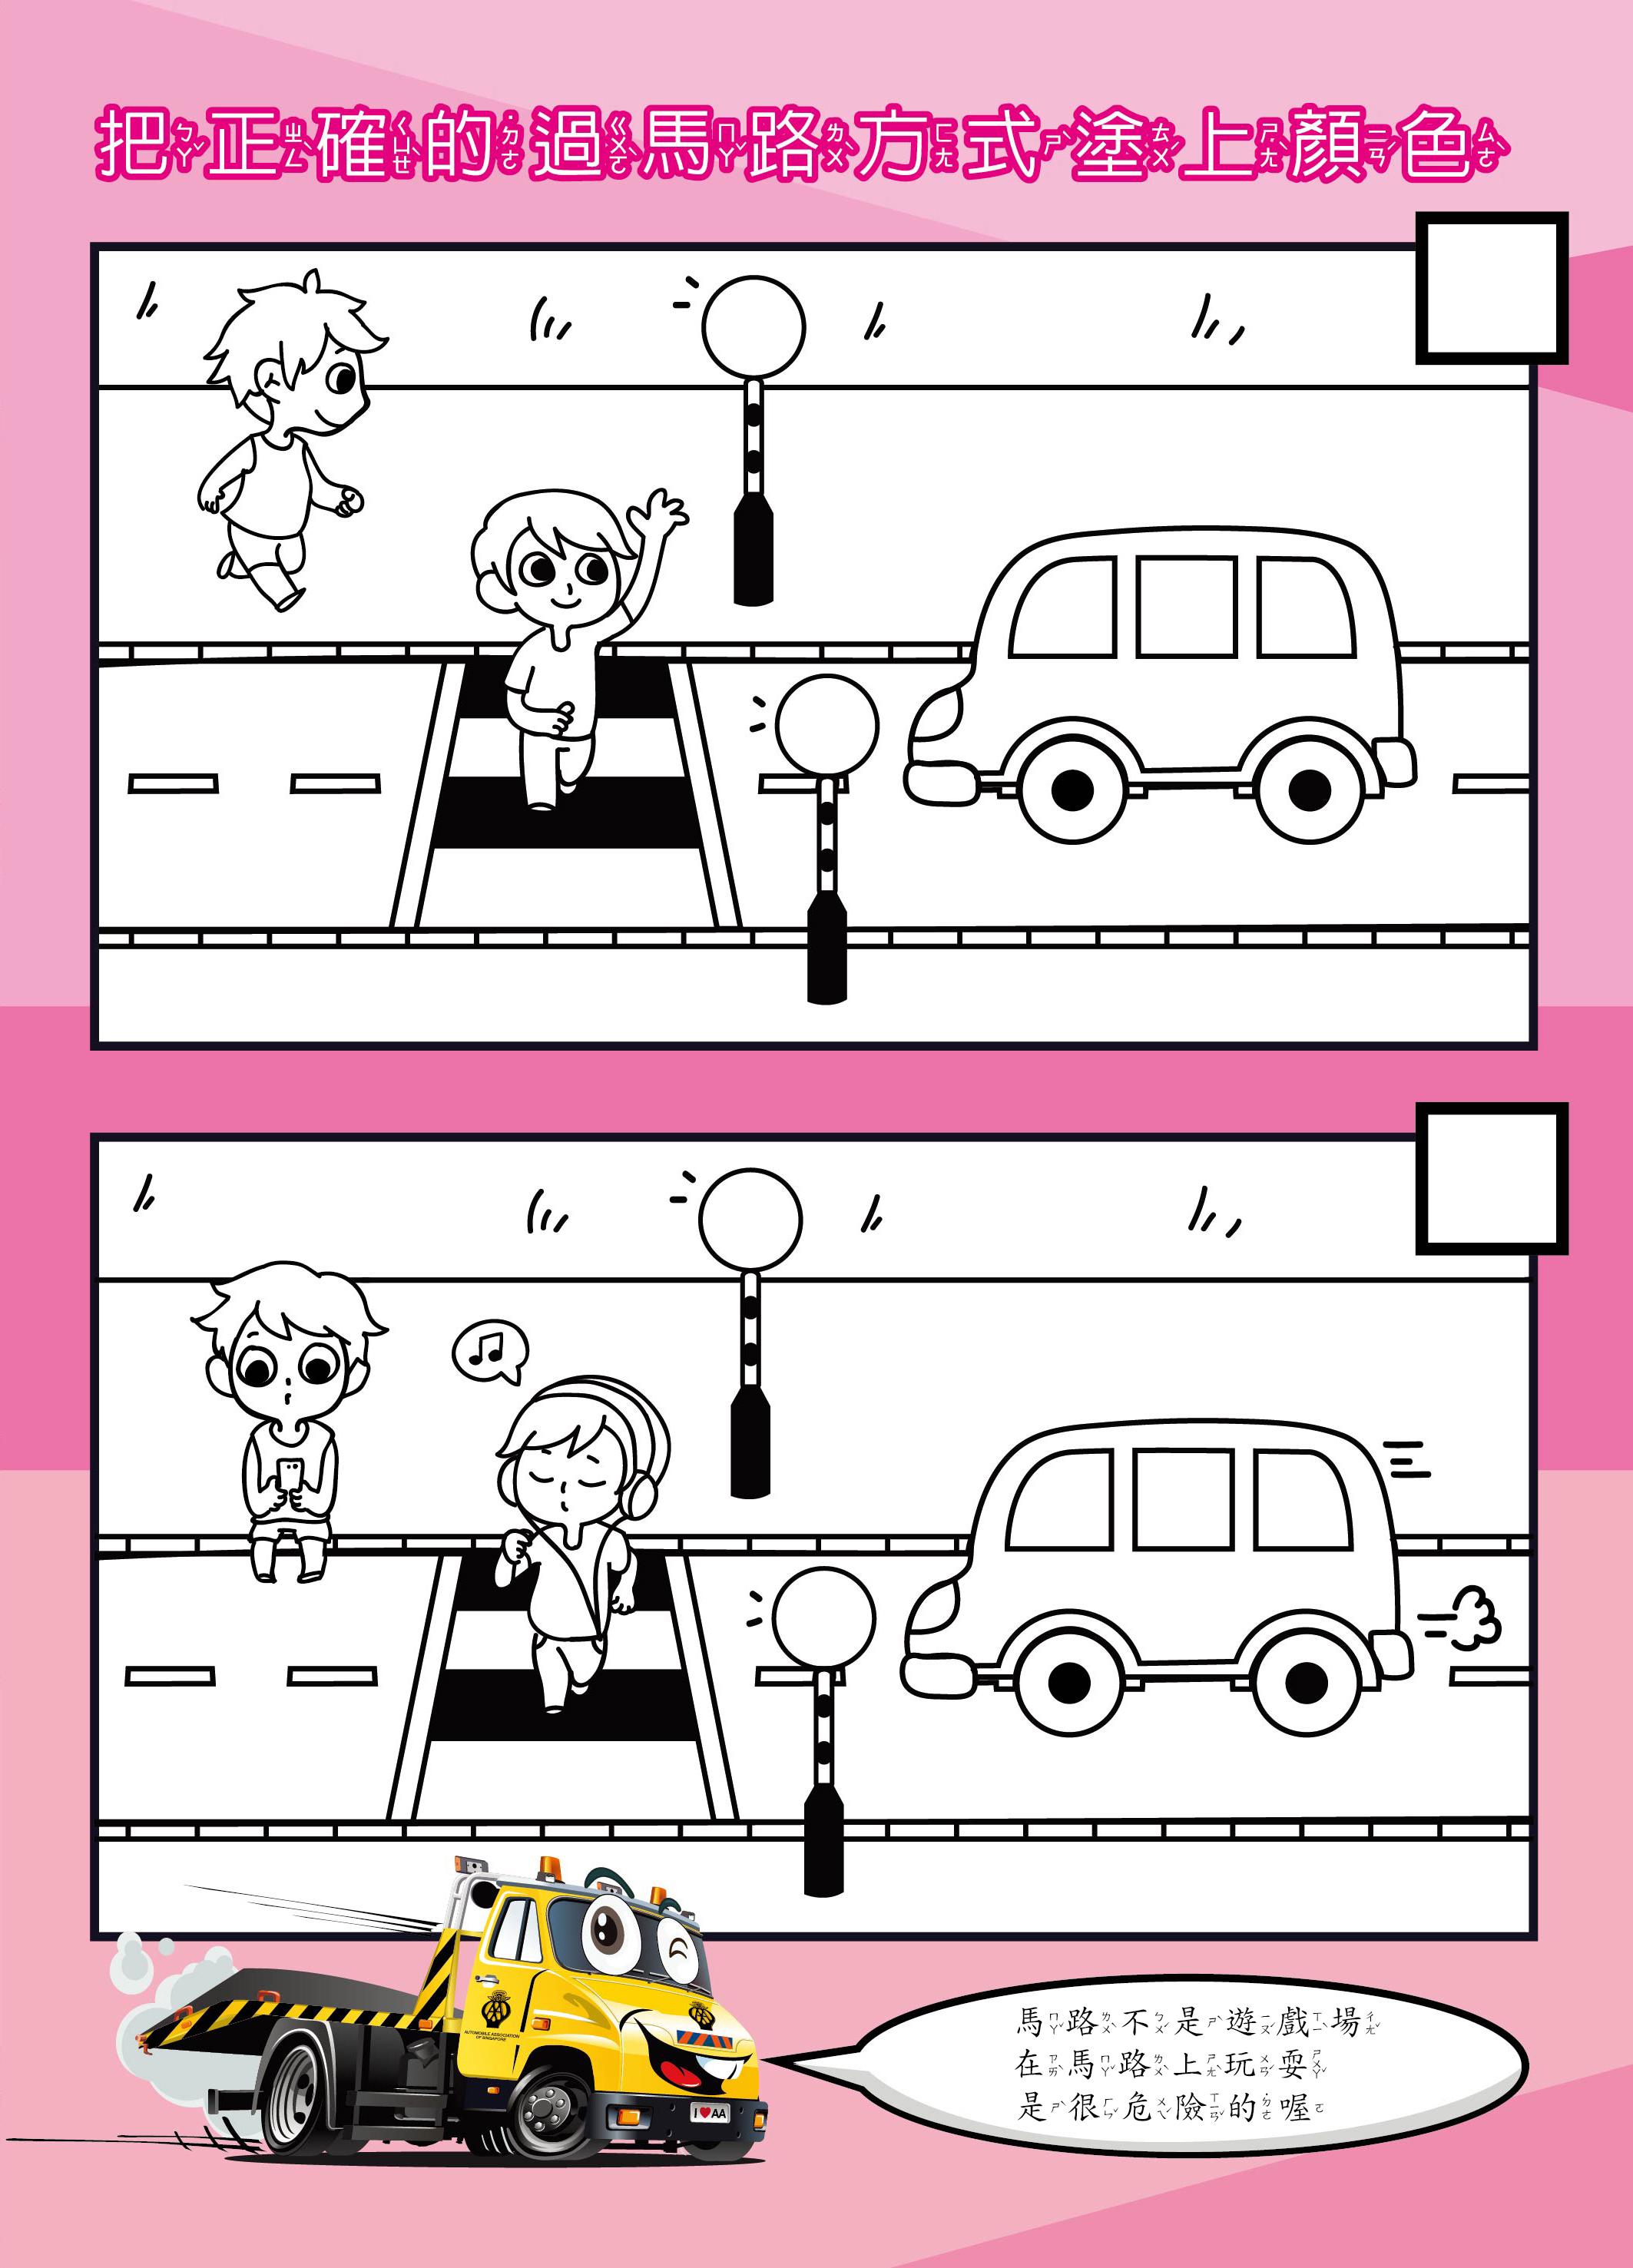 中華車會交通安全圖畫紙04.JPG